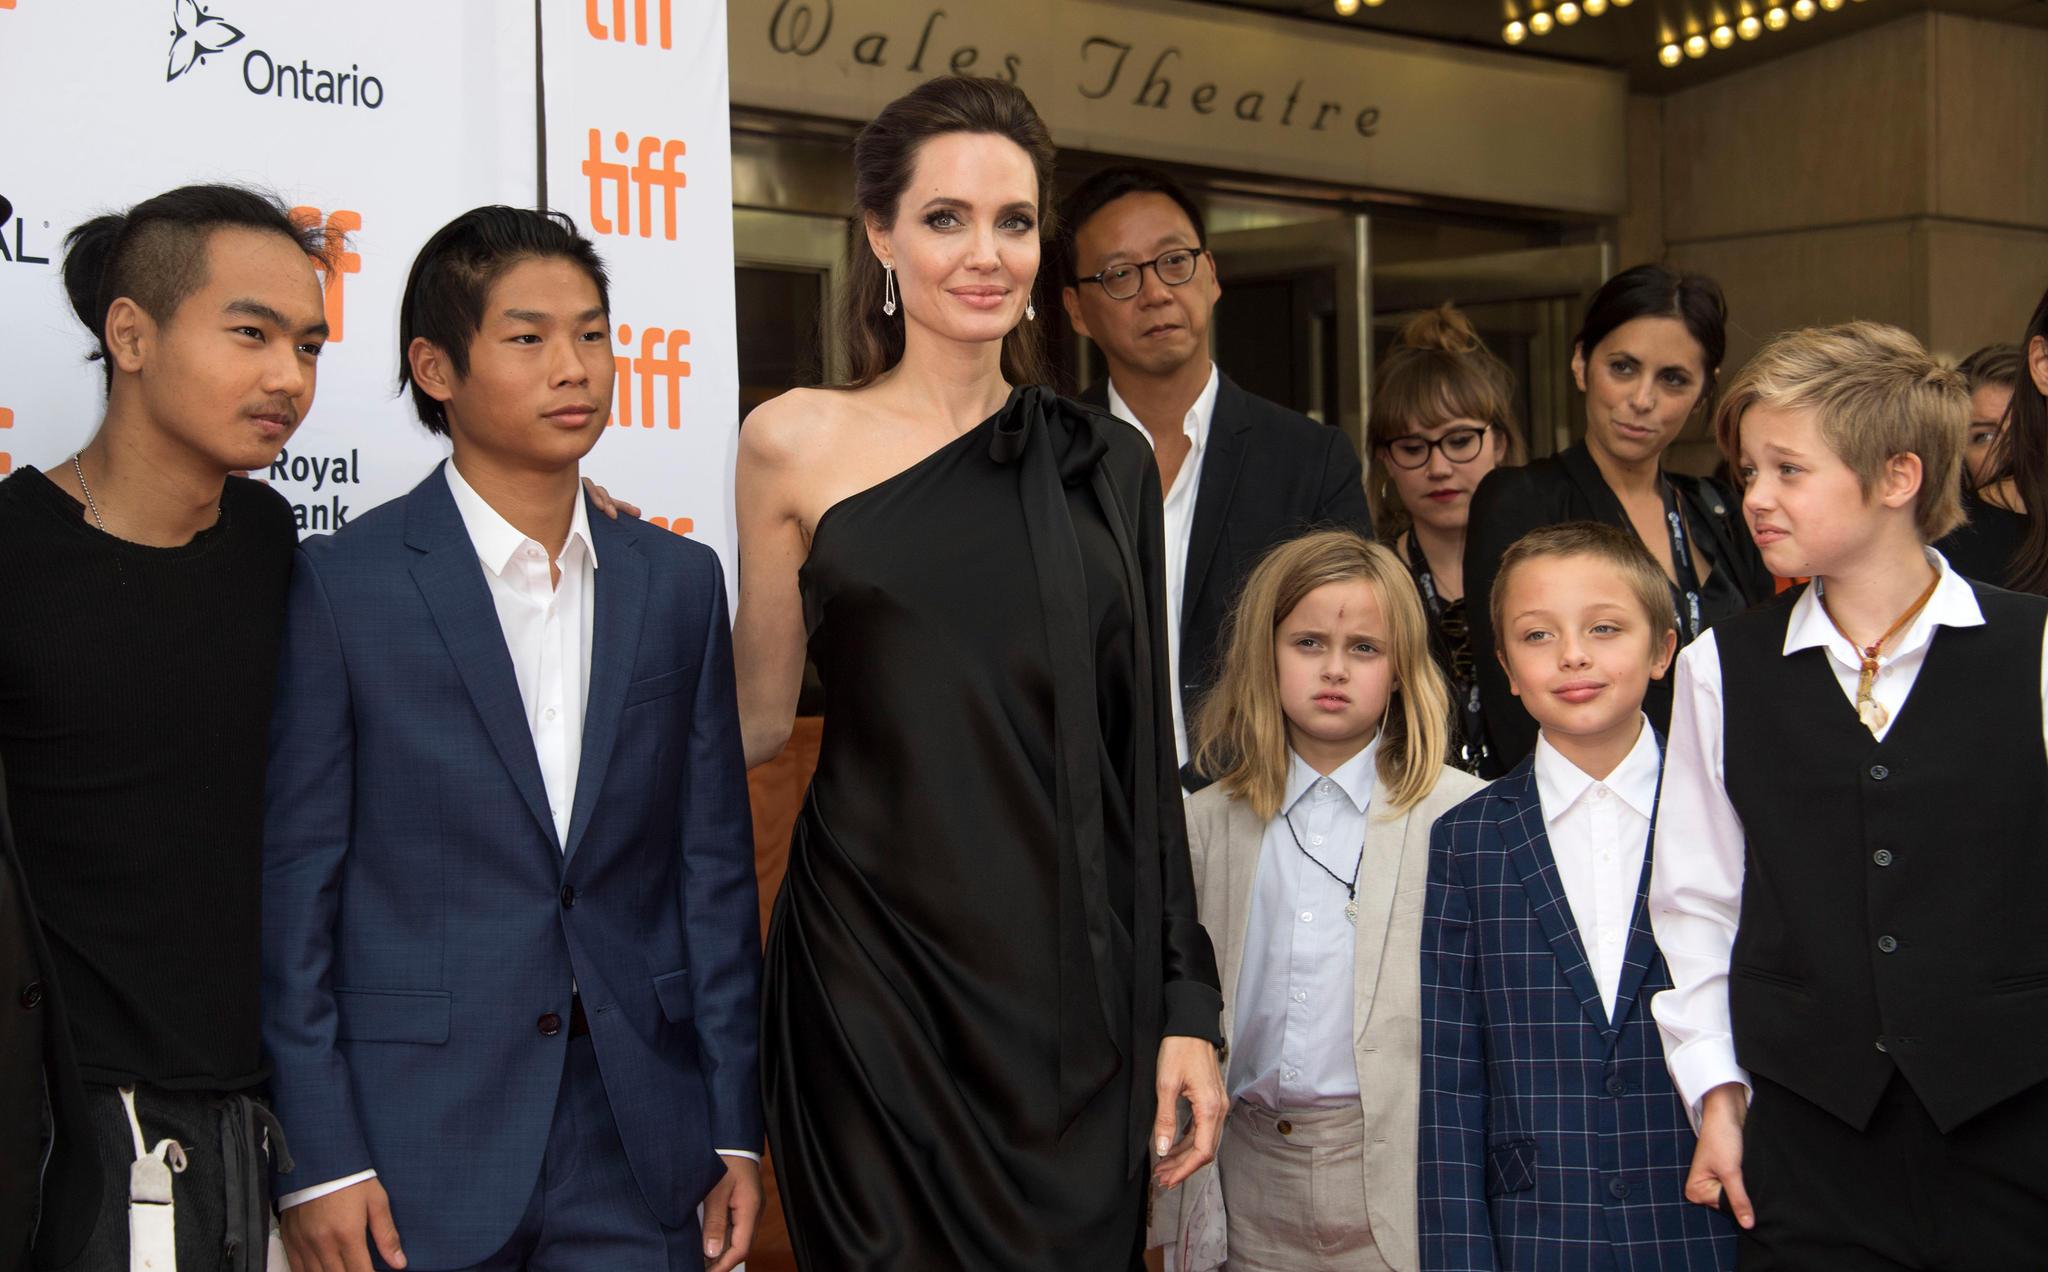 Angelina Jolie mit ihren KindernMaddox Chivan Jolie-Pitt, Pax Thien Jolie-Pitt, Vivienne Marcheline Jolie-Pitt, Knox Leon Jolie-Pitt